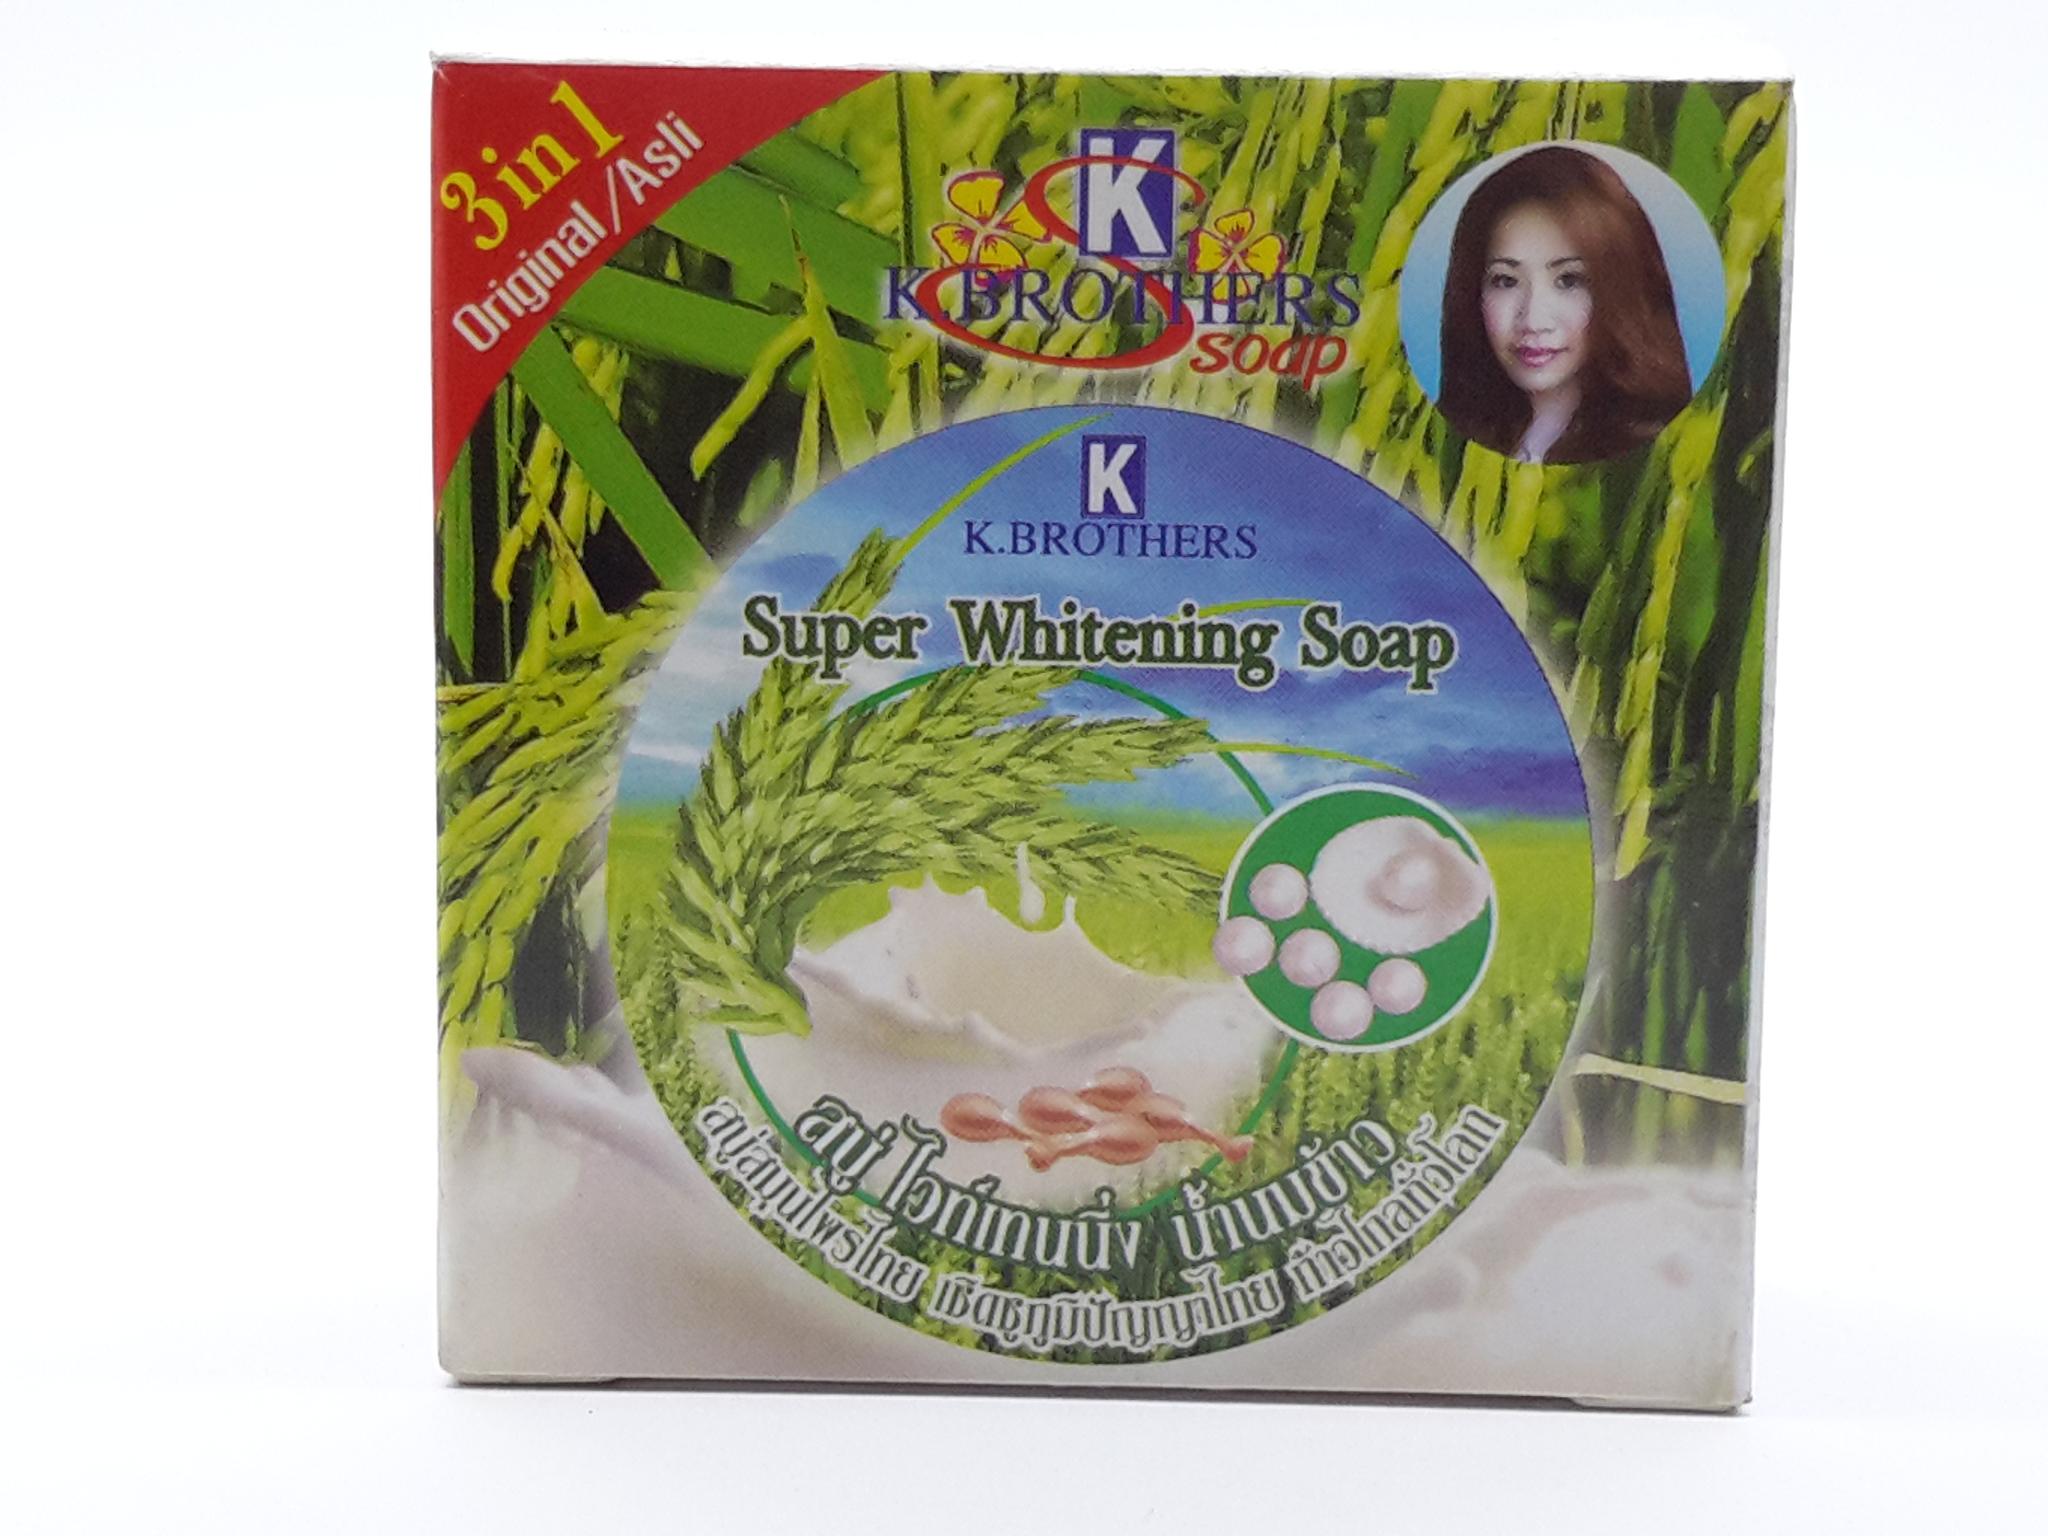 สบู่ไวท์เทนนิ่งน้ำนมข้าว Super Whitening Soap (60 g.x12 ก้อน)